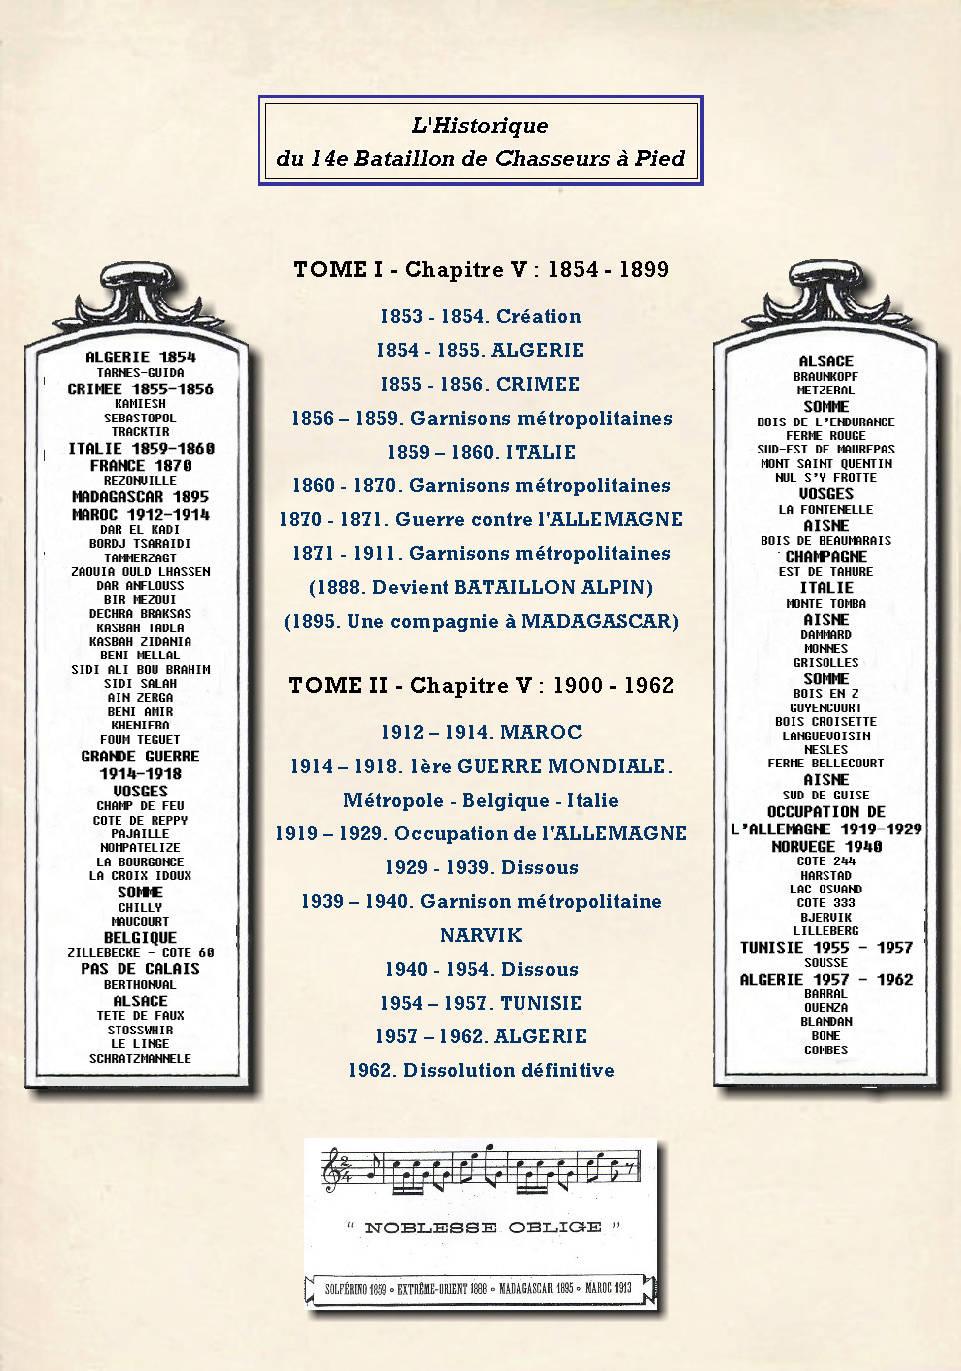 L'Historique du 14e Bataillon de Chasseurs. 1854 - 1962 Page_116